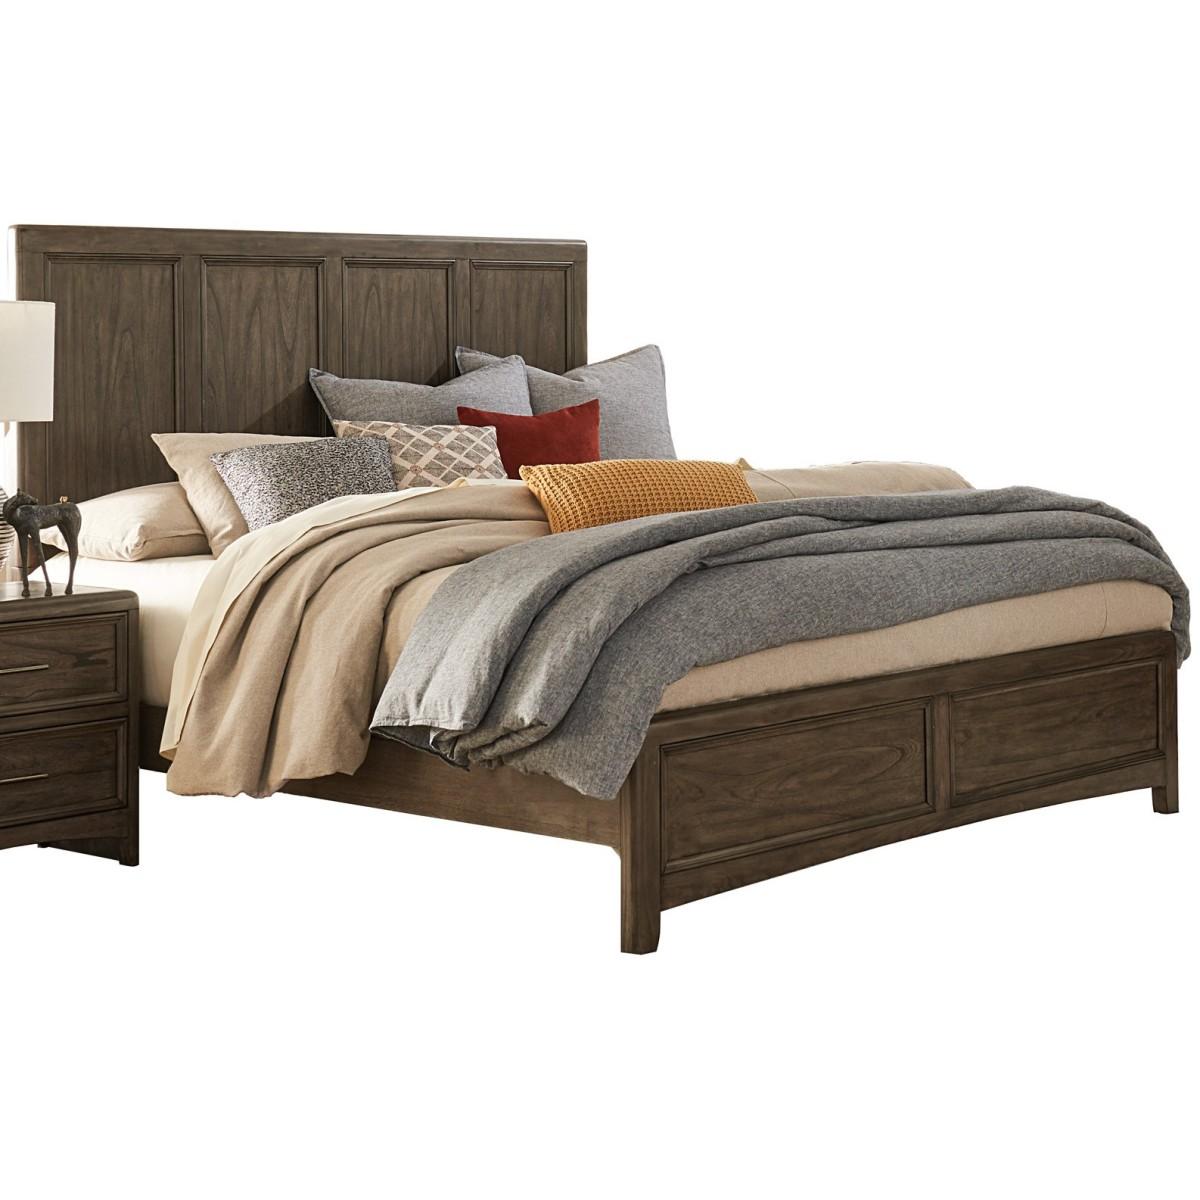 1619k 1ek Eastern King Bed